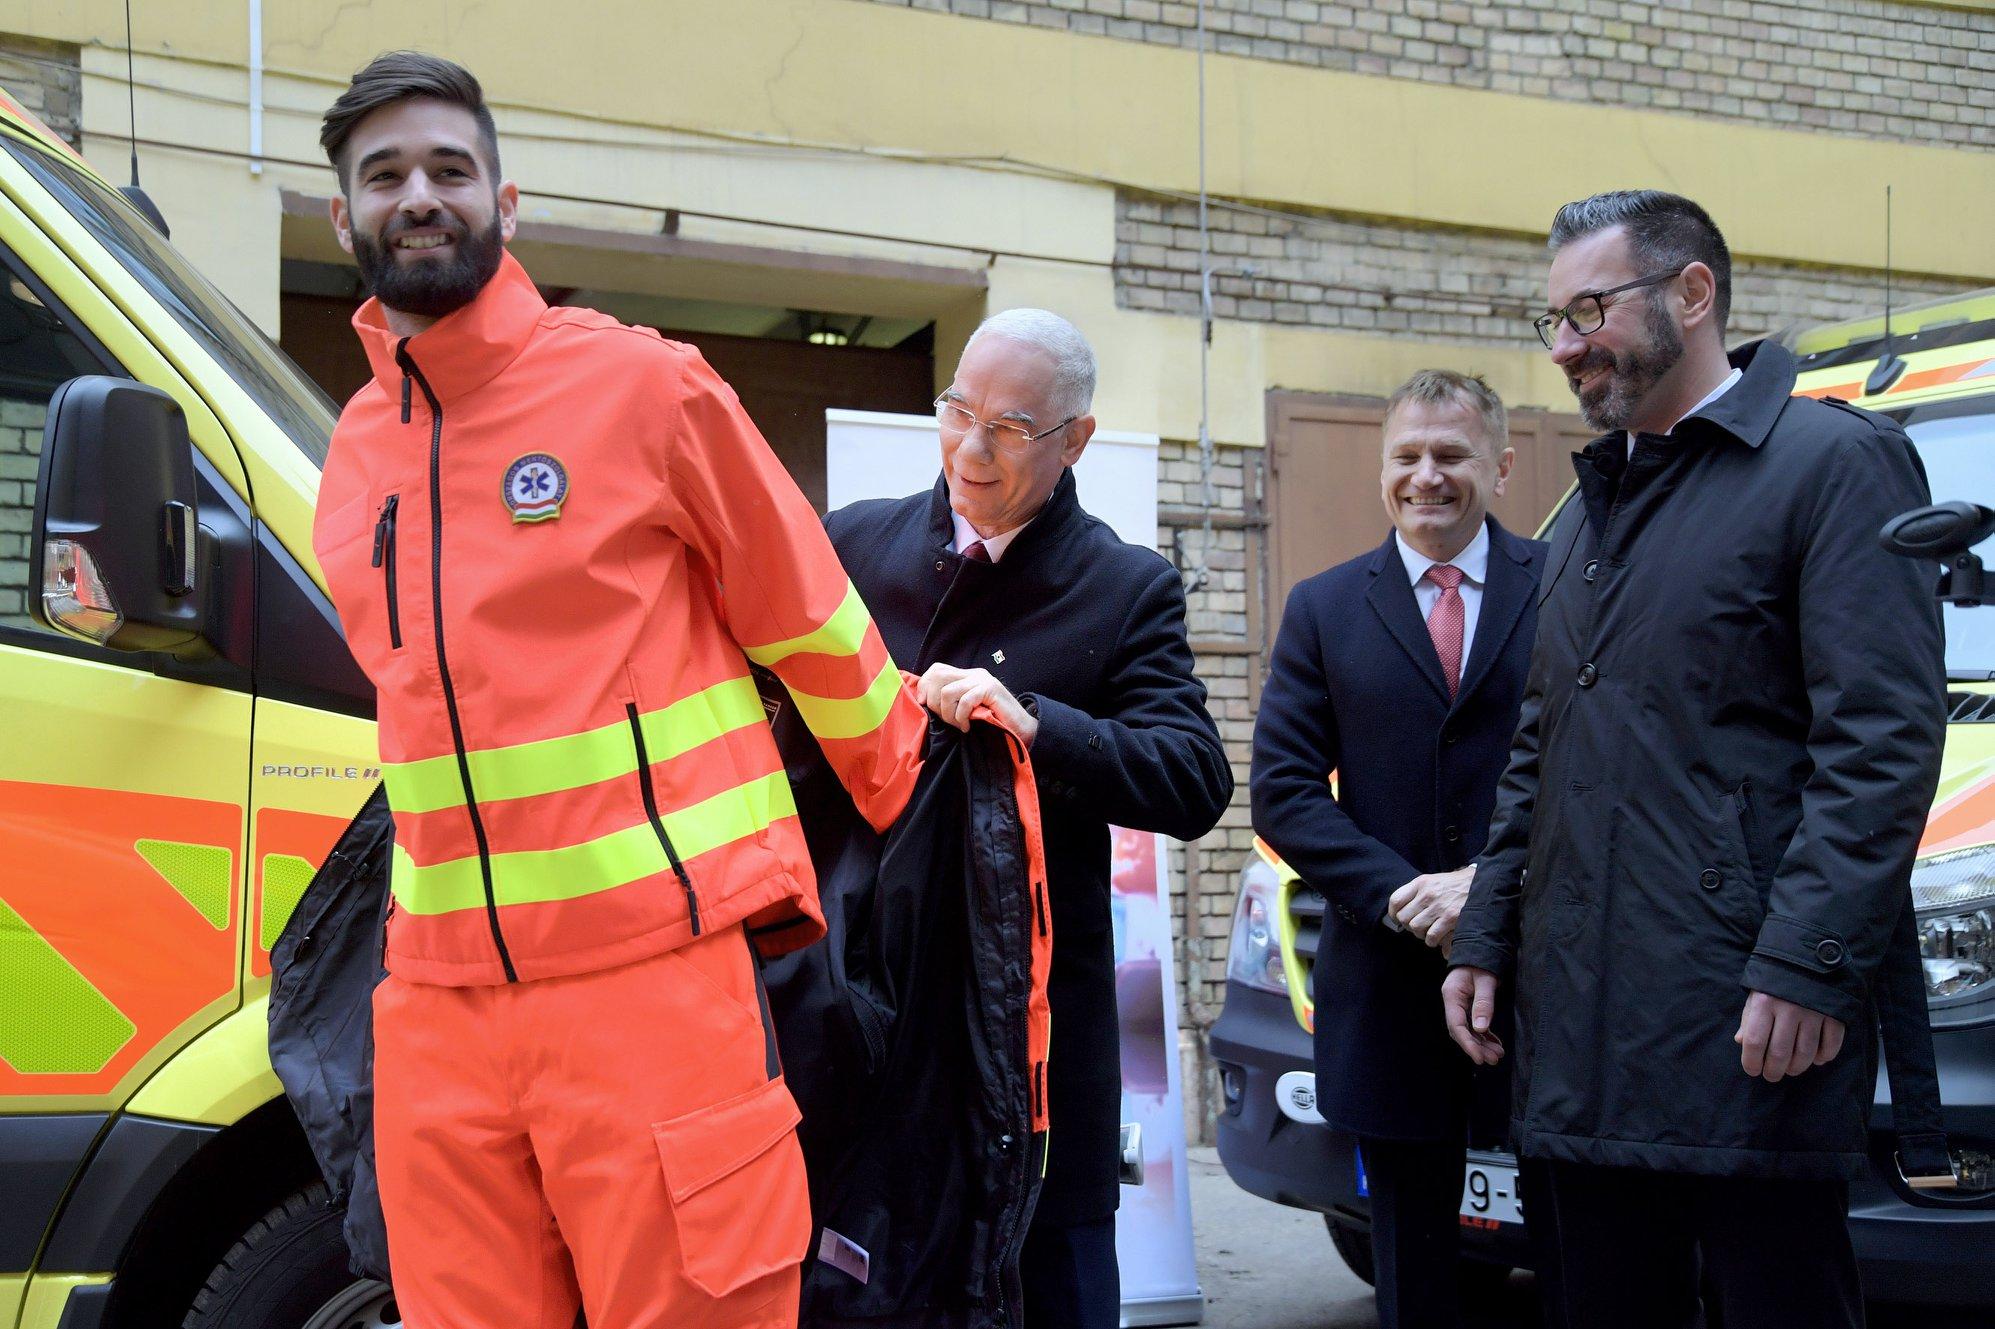 Balog Zoltán személyesen adta rá egy mentősre az új, korszerű munkakabátot